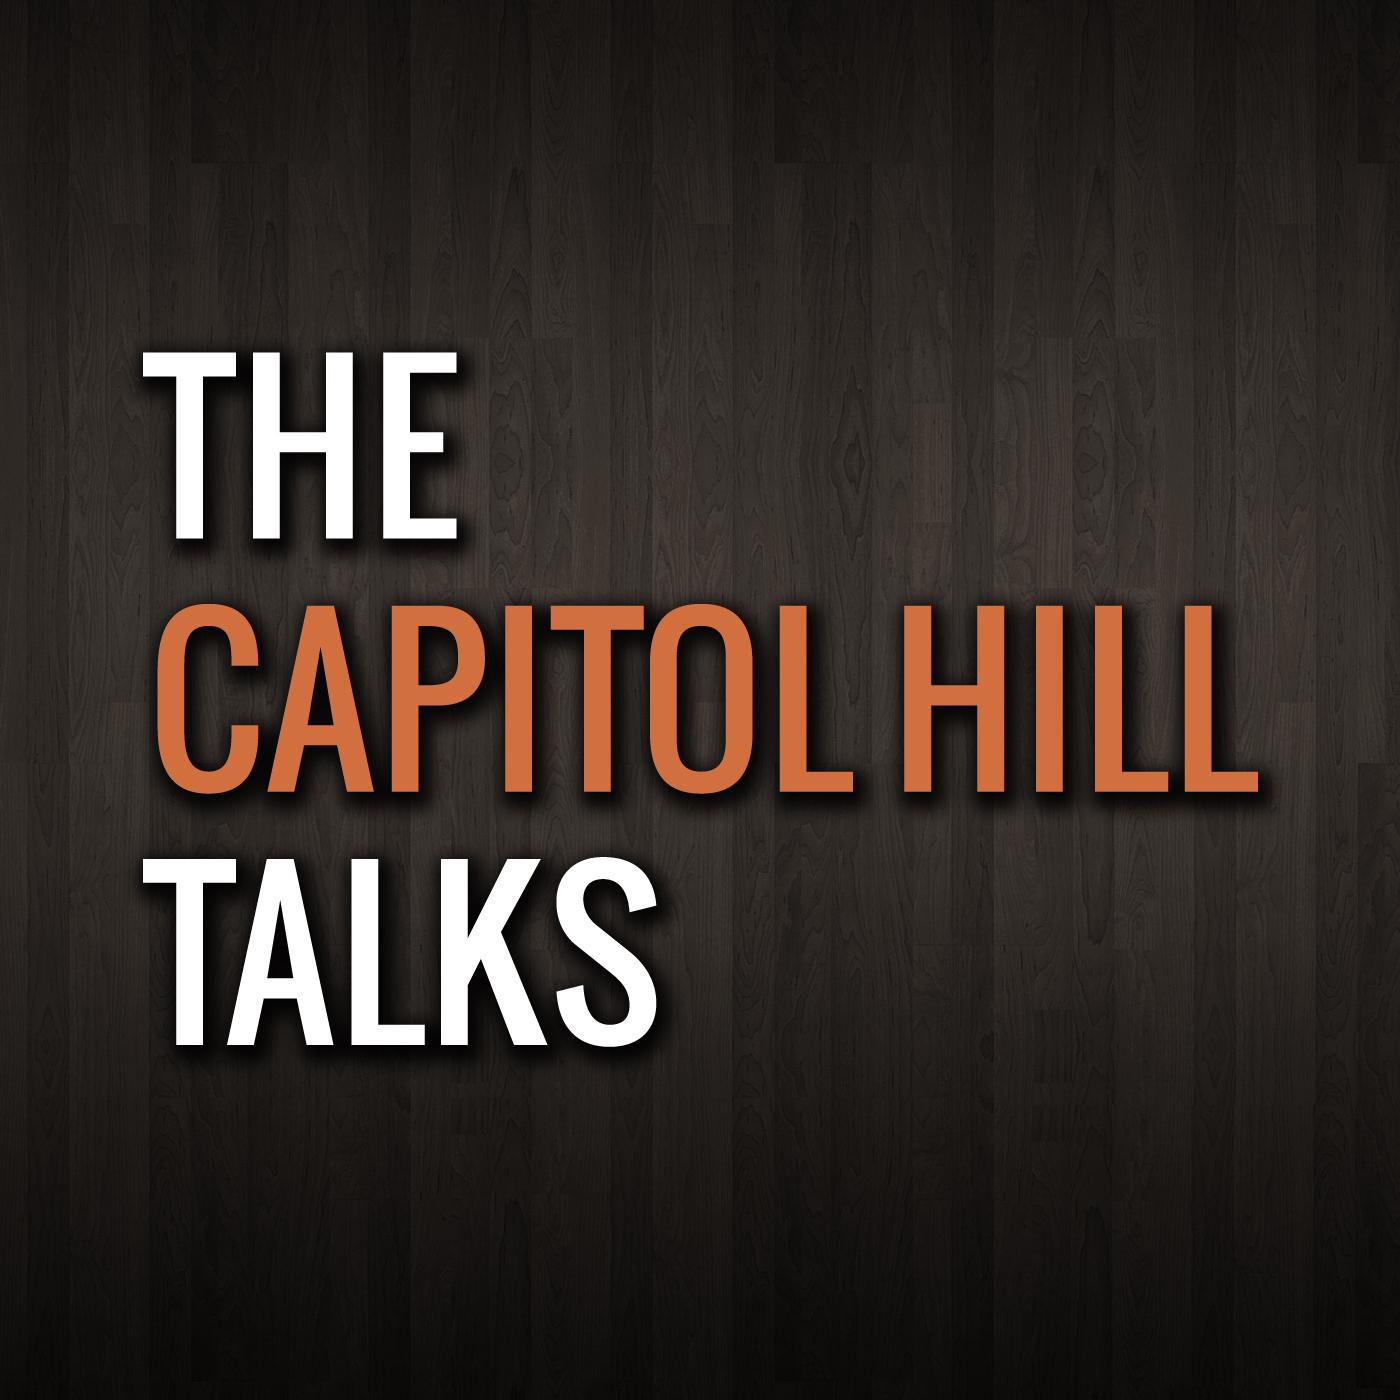 The Capitol Hill Talks